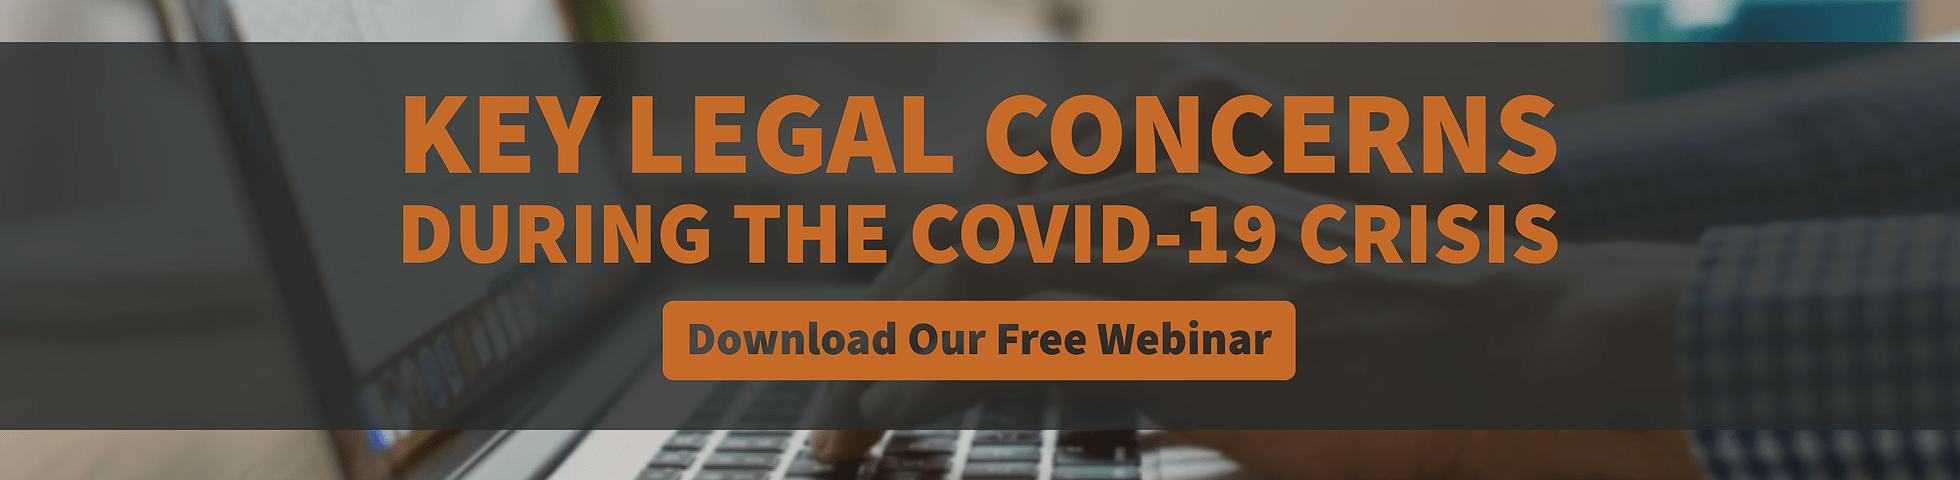 Key Legal Concerns